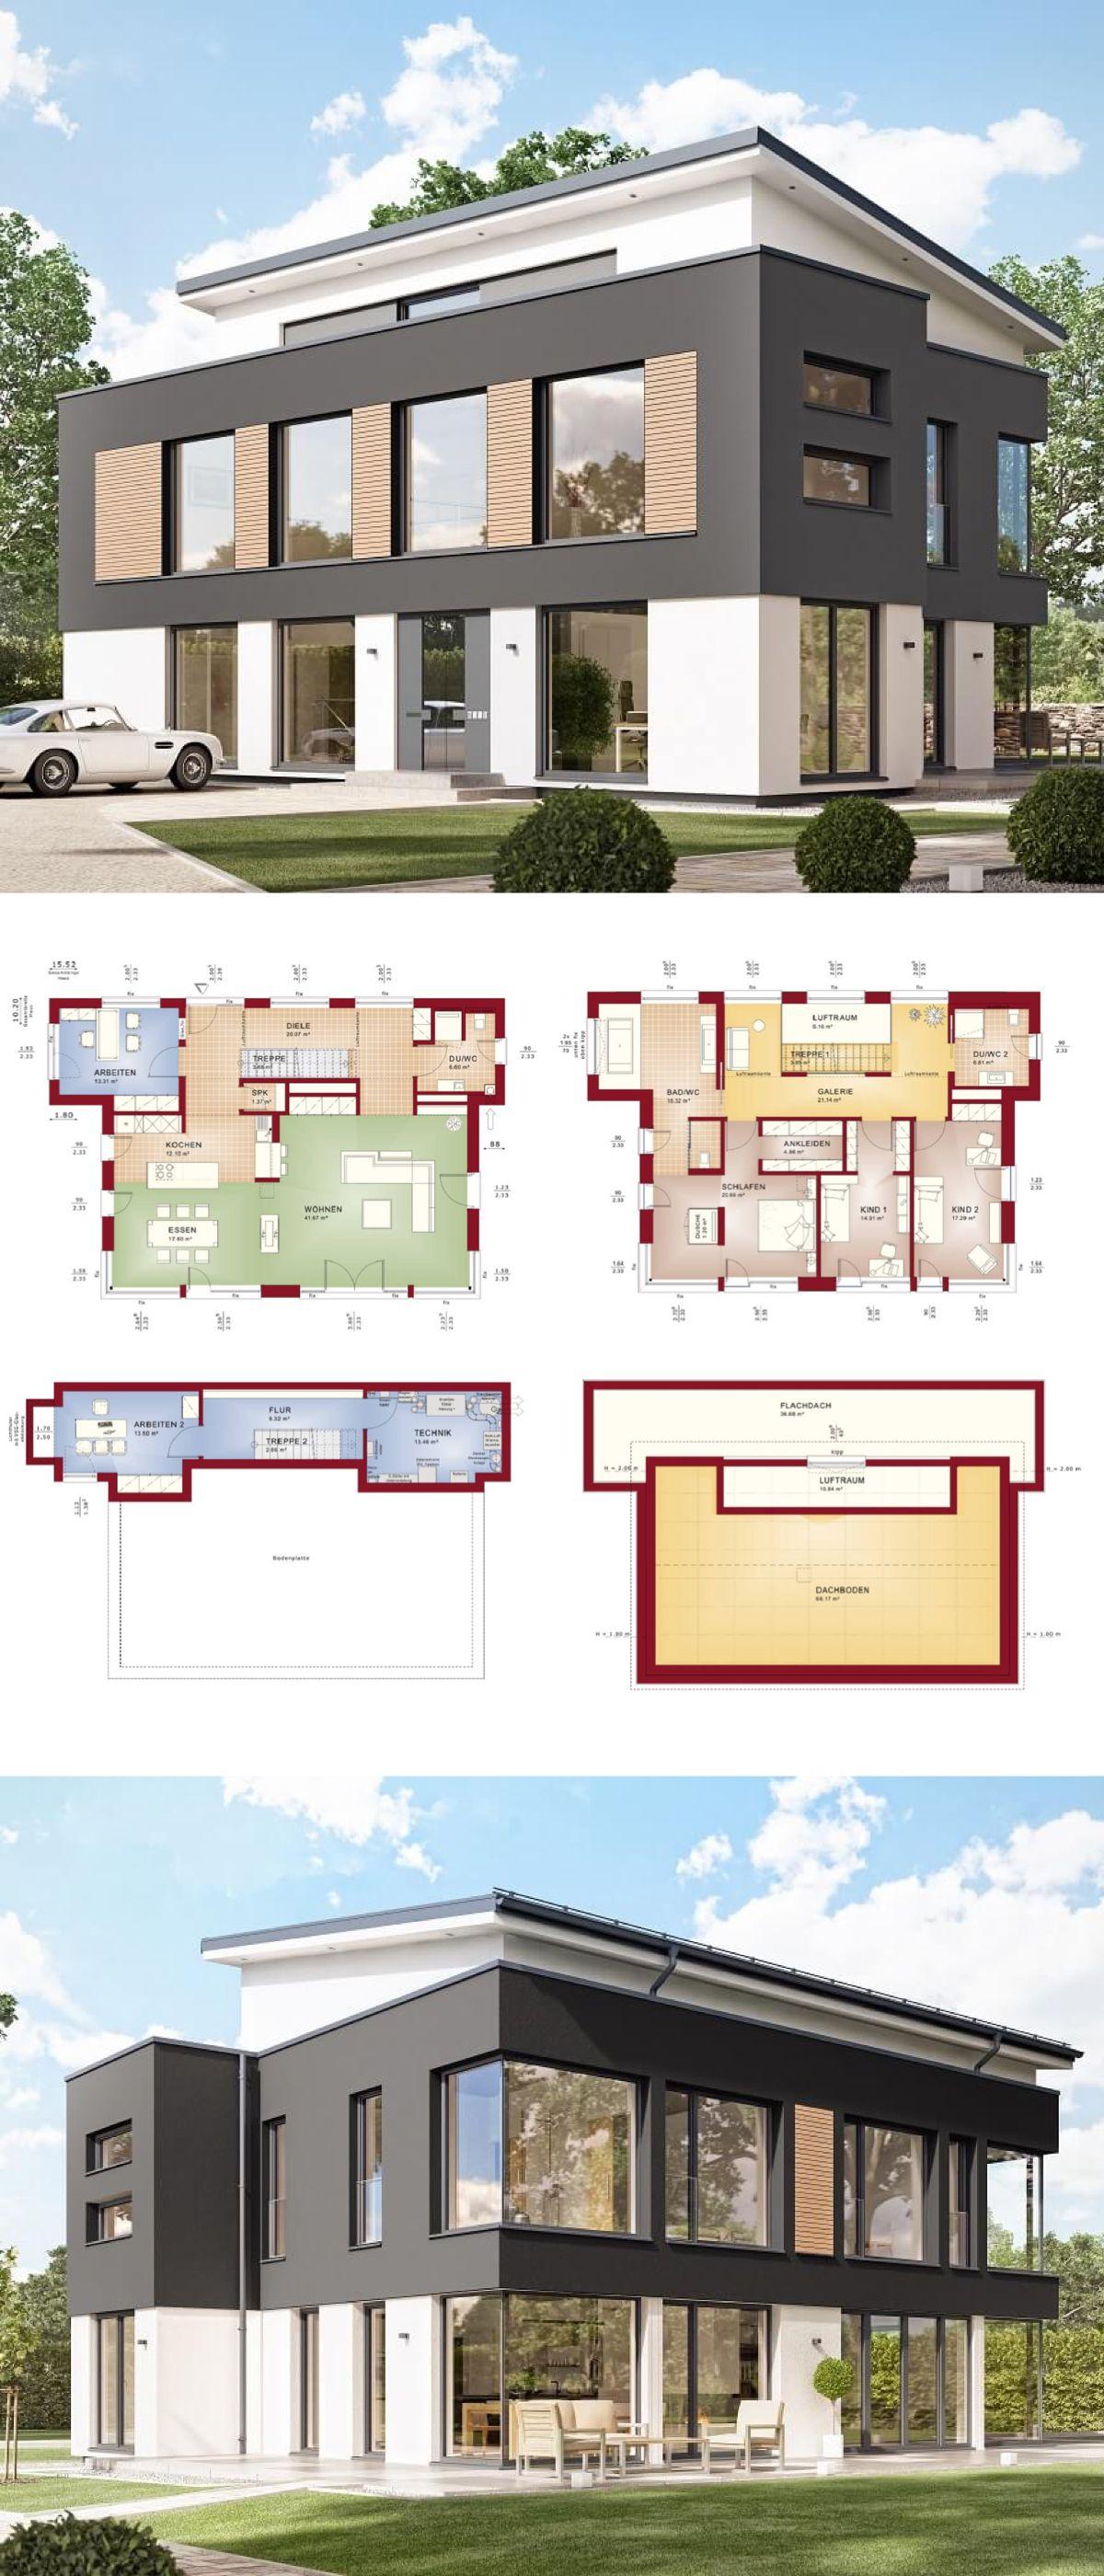 stadtvilla modern mit galerie & pultdach architektur, fassade grau